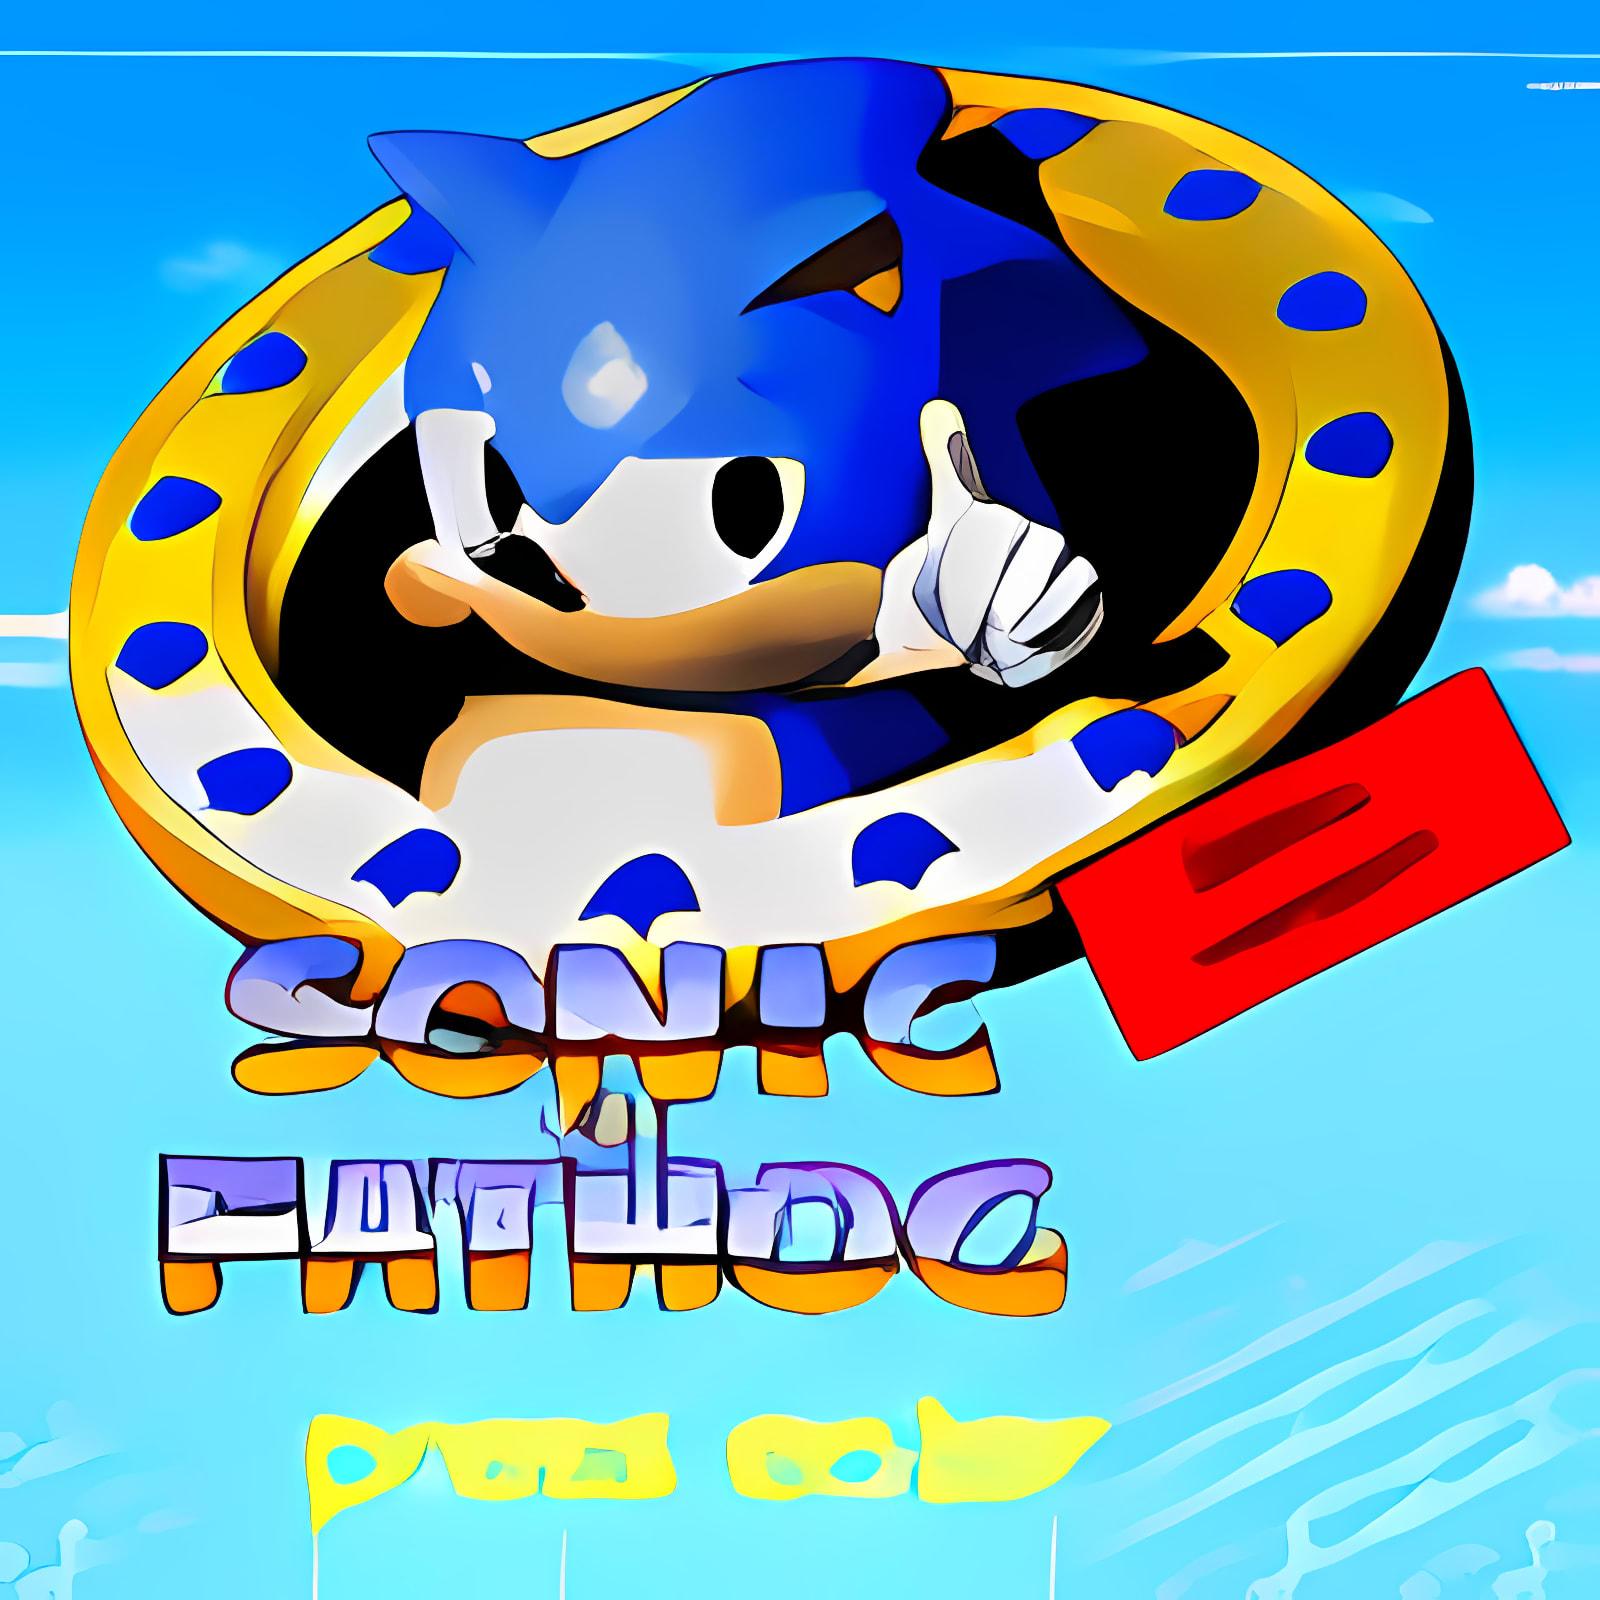 Sonic the Fathog